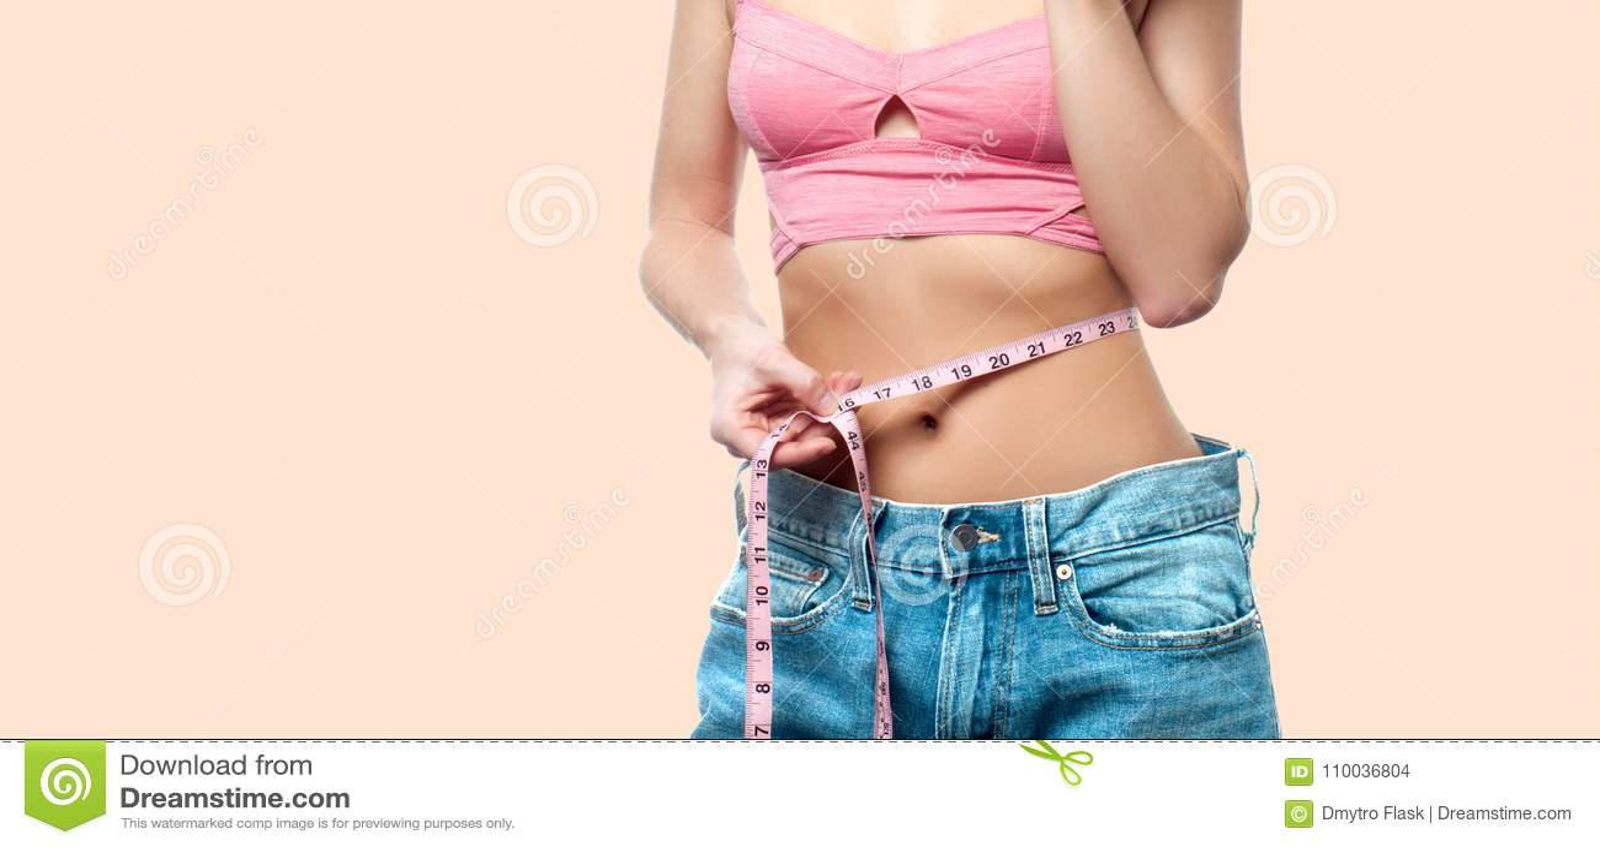 taille après perte de poids